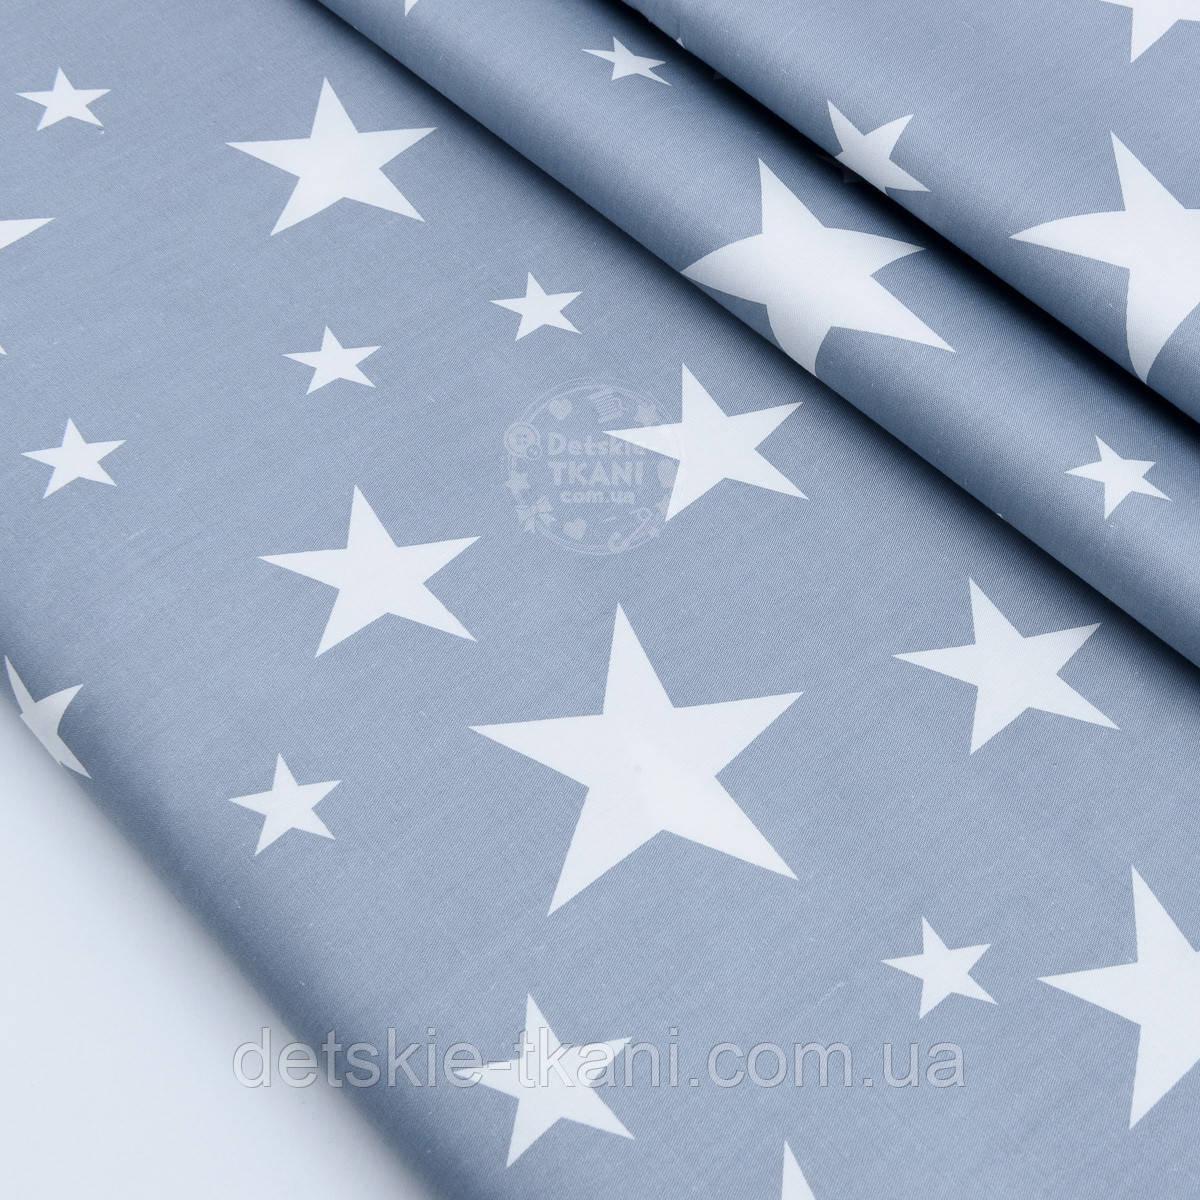 """Сатин ткань """"Большие и малые звёзды"""" белые на сером, №1757с"""